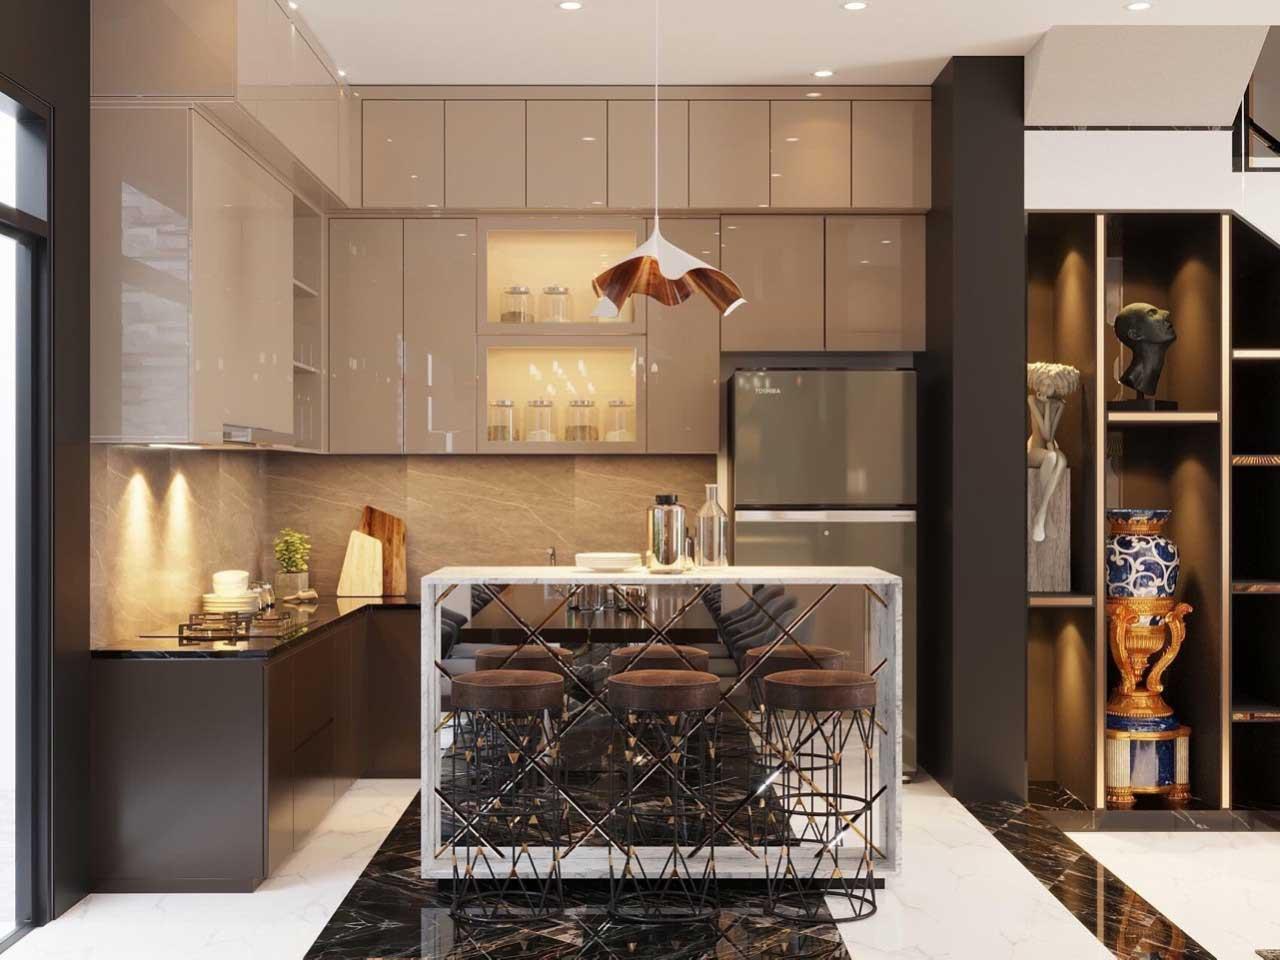 Nội thất nhà bếp đẹp giá rẻ tại thuận thiên 001